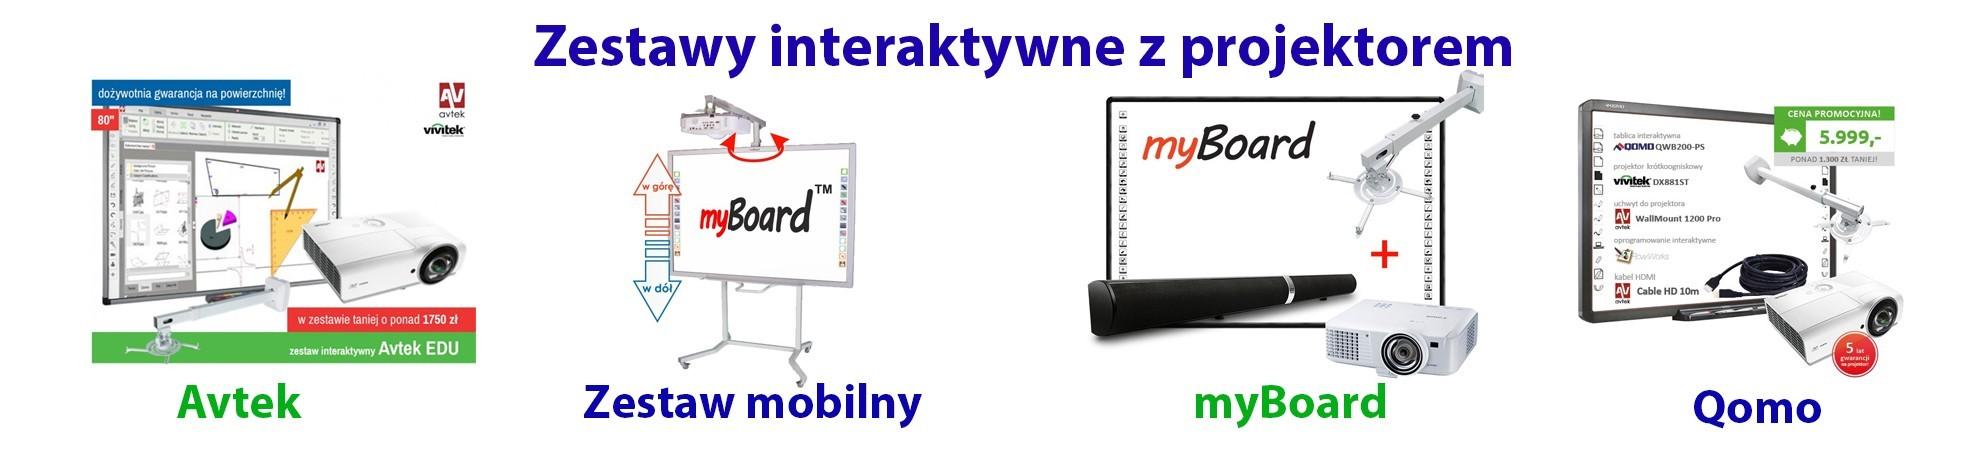 Zestawy interaktywne